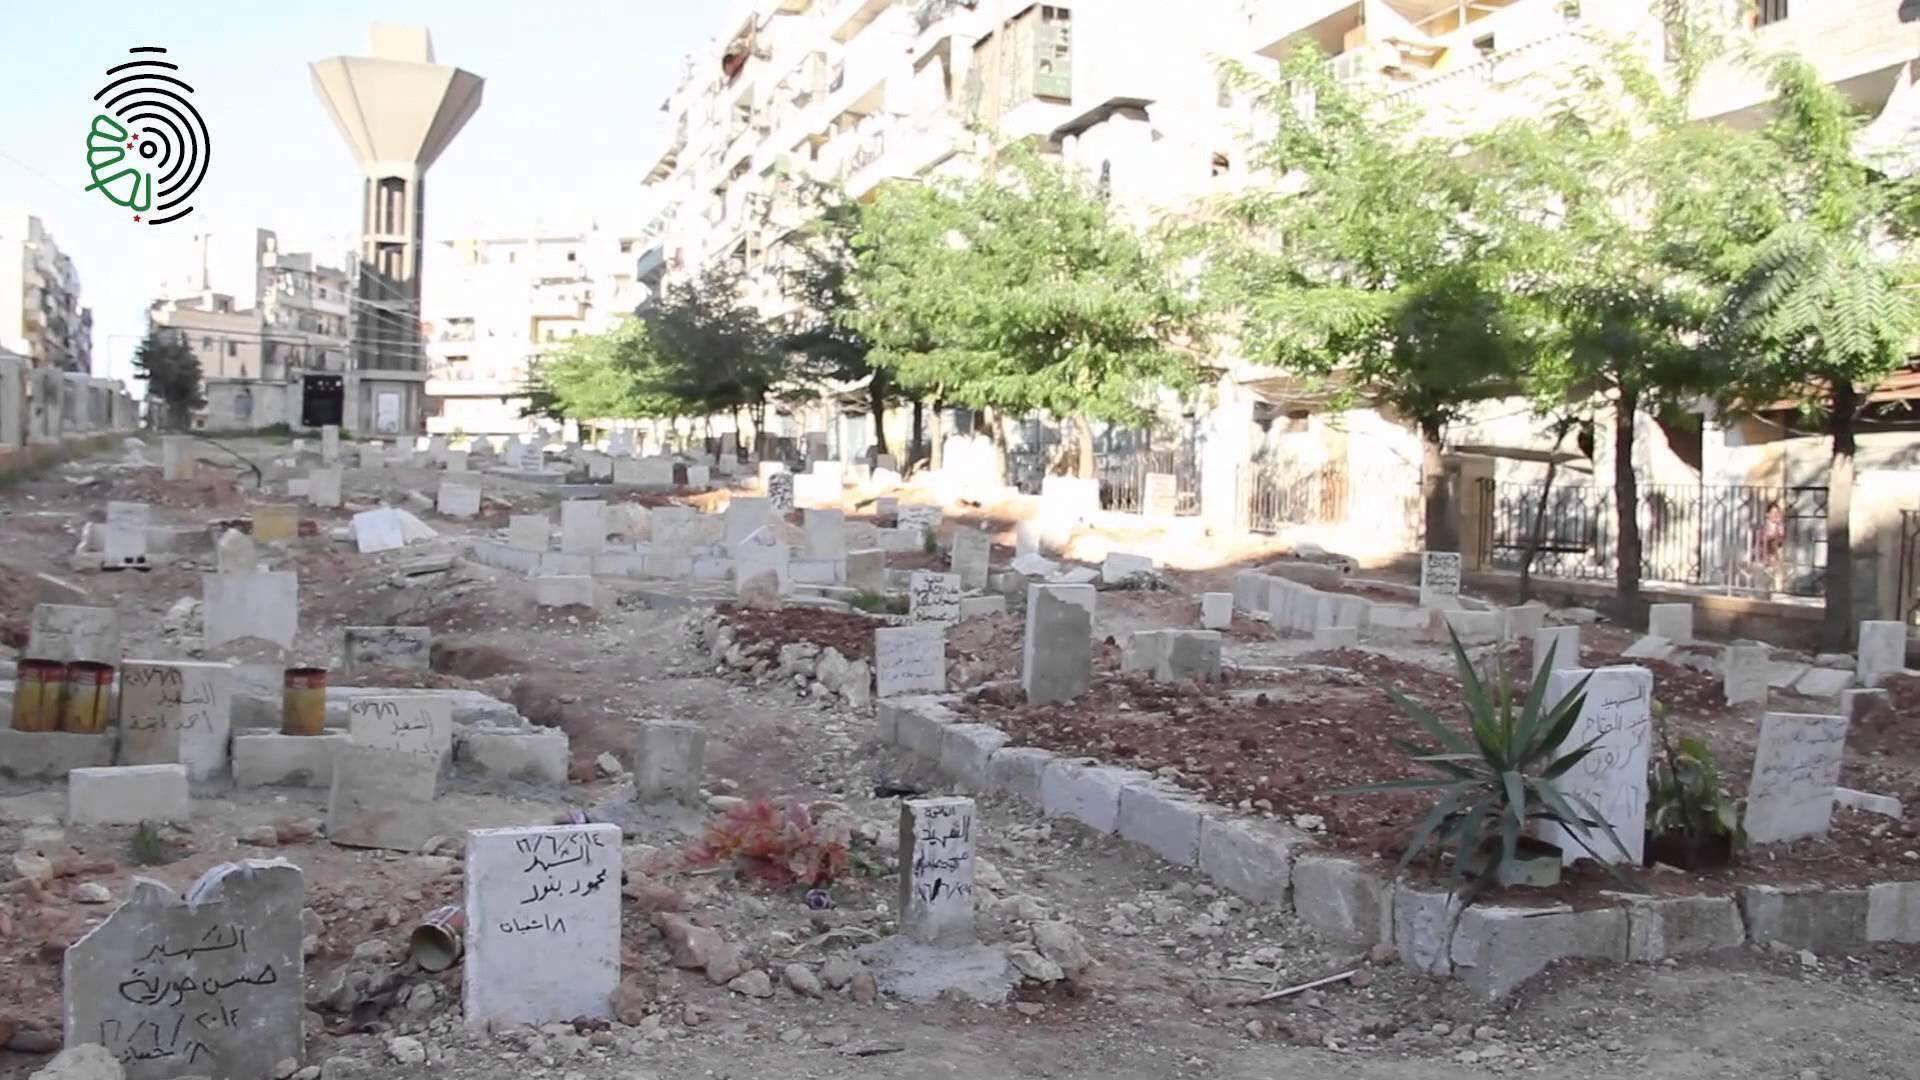 Photo montrant un jardin à Alep transrofmé en cimetière. Réseaux sociaux